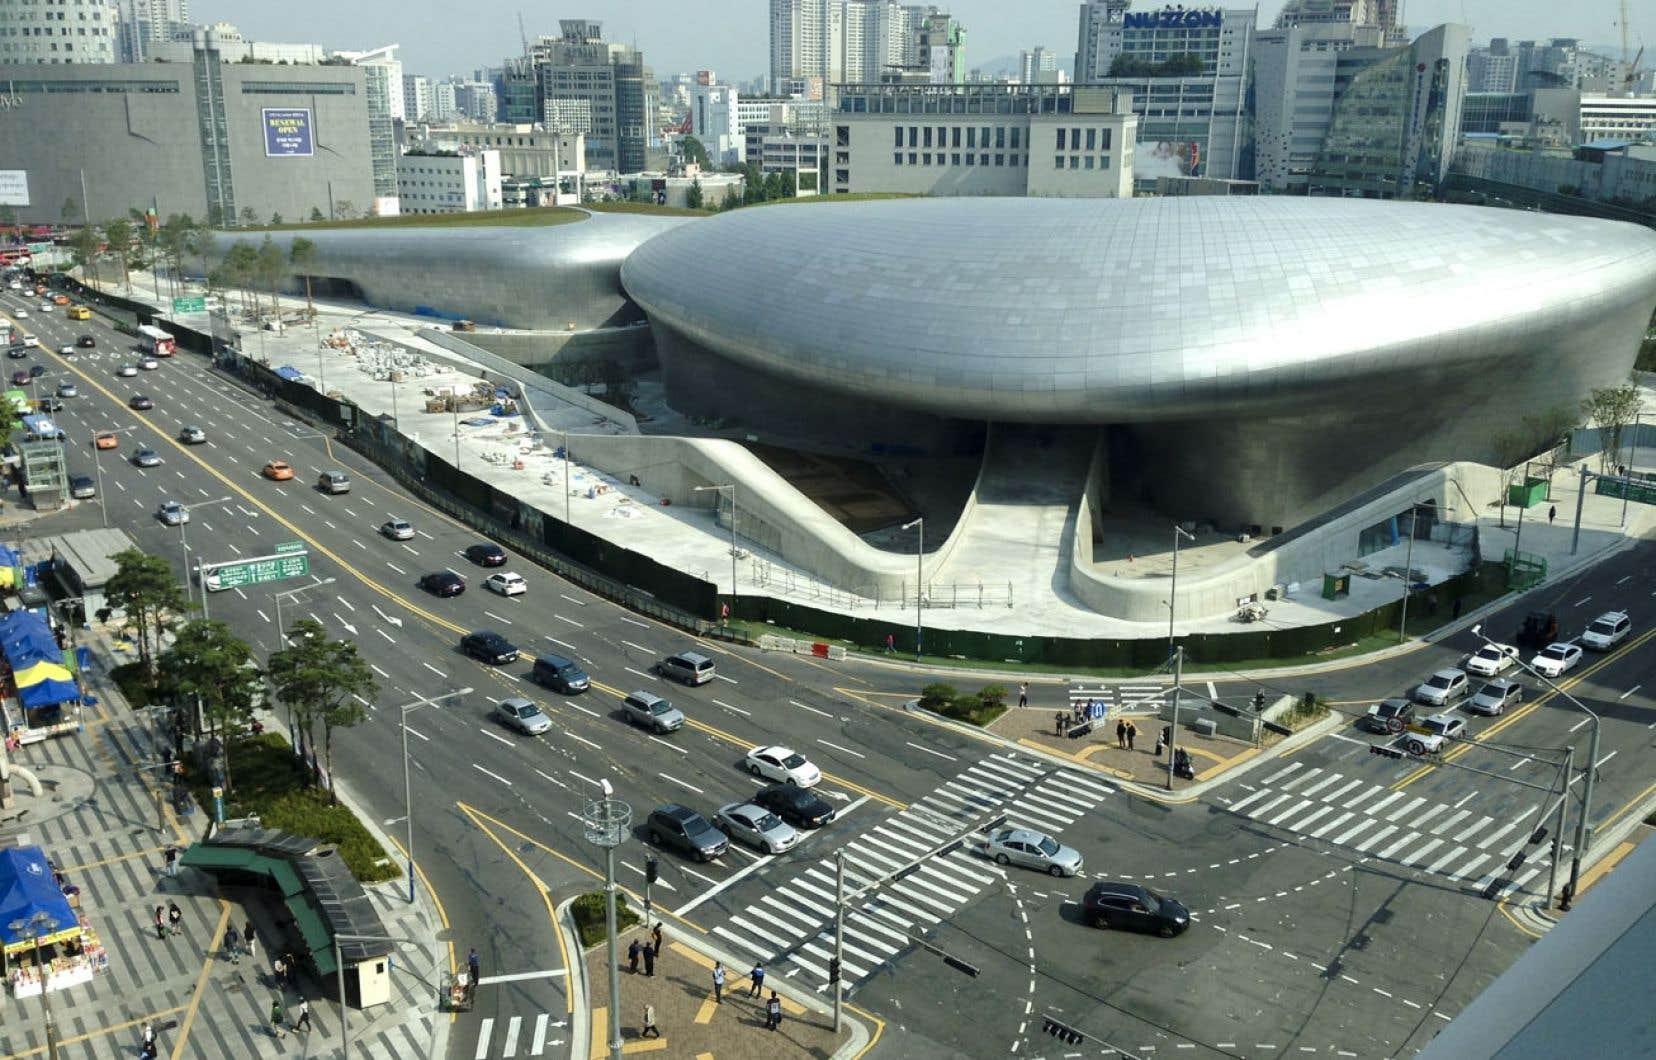 Tel un ovni posé sur la ville, le centre de design Dongdaemun a été conçu par l'architecte britannique Zaha Hadid. Ses 45 000 panneaux d'aluminium lui donnent des airs futuristes.